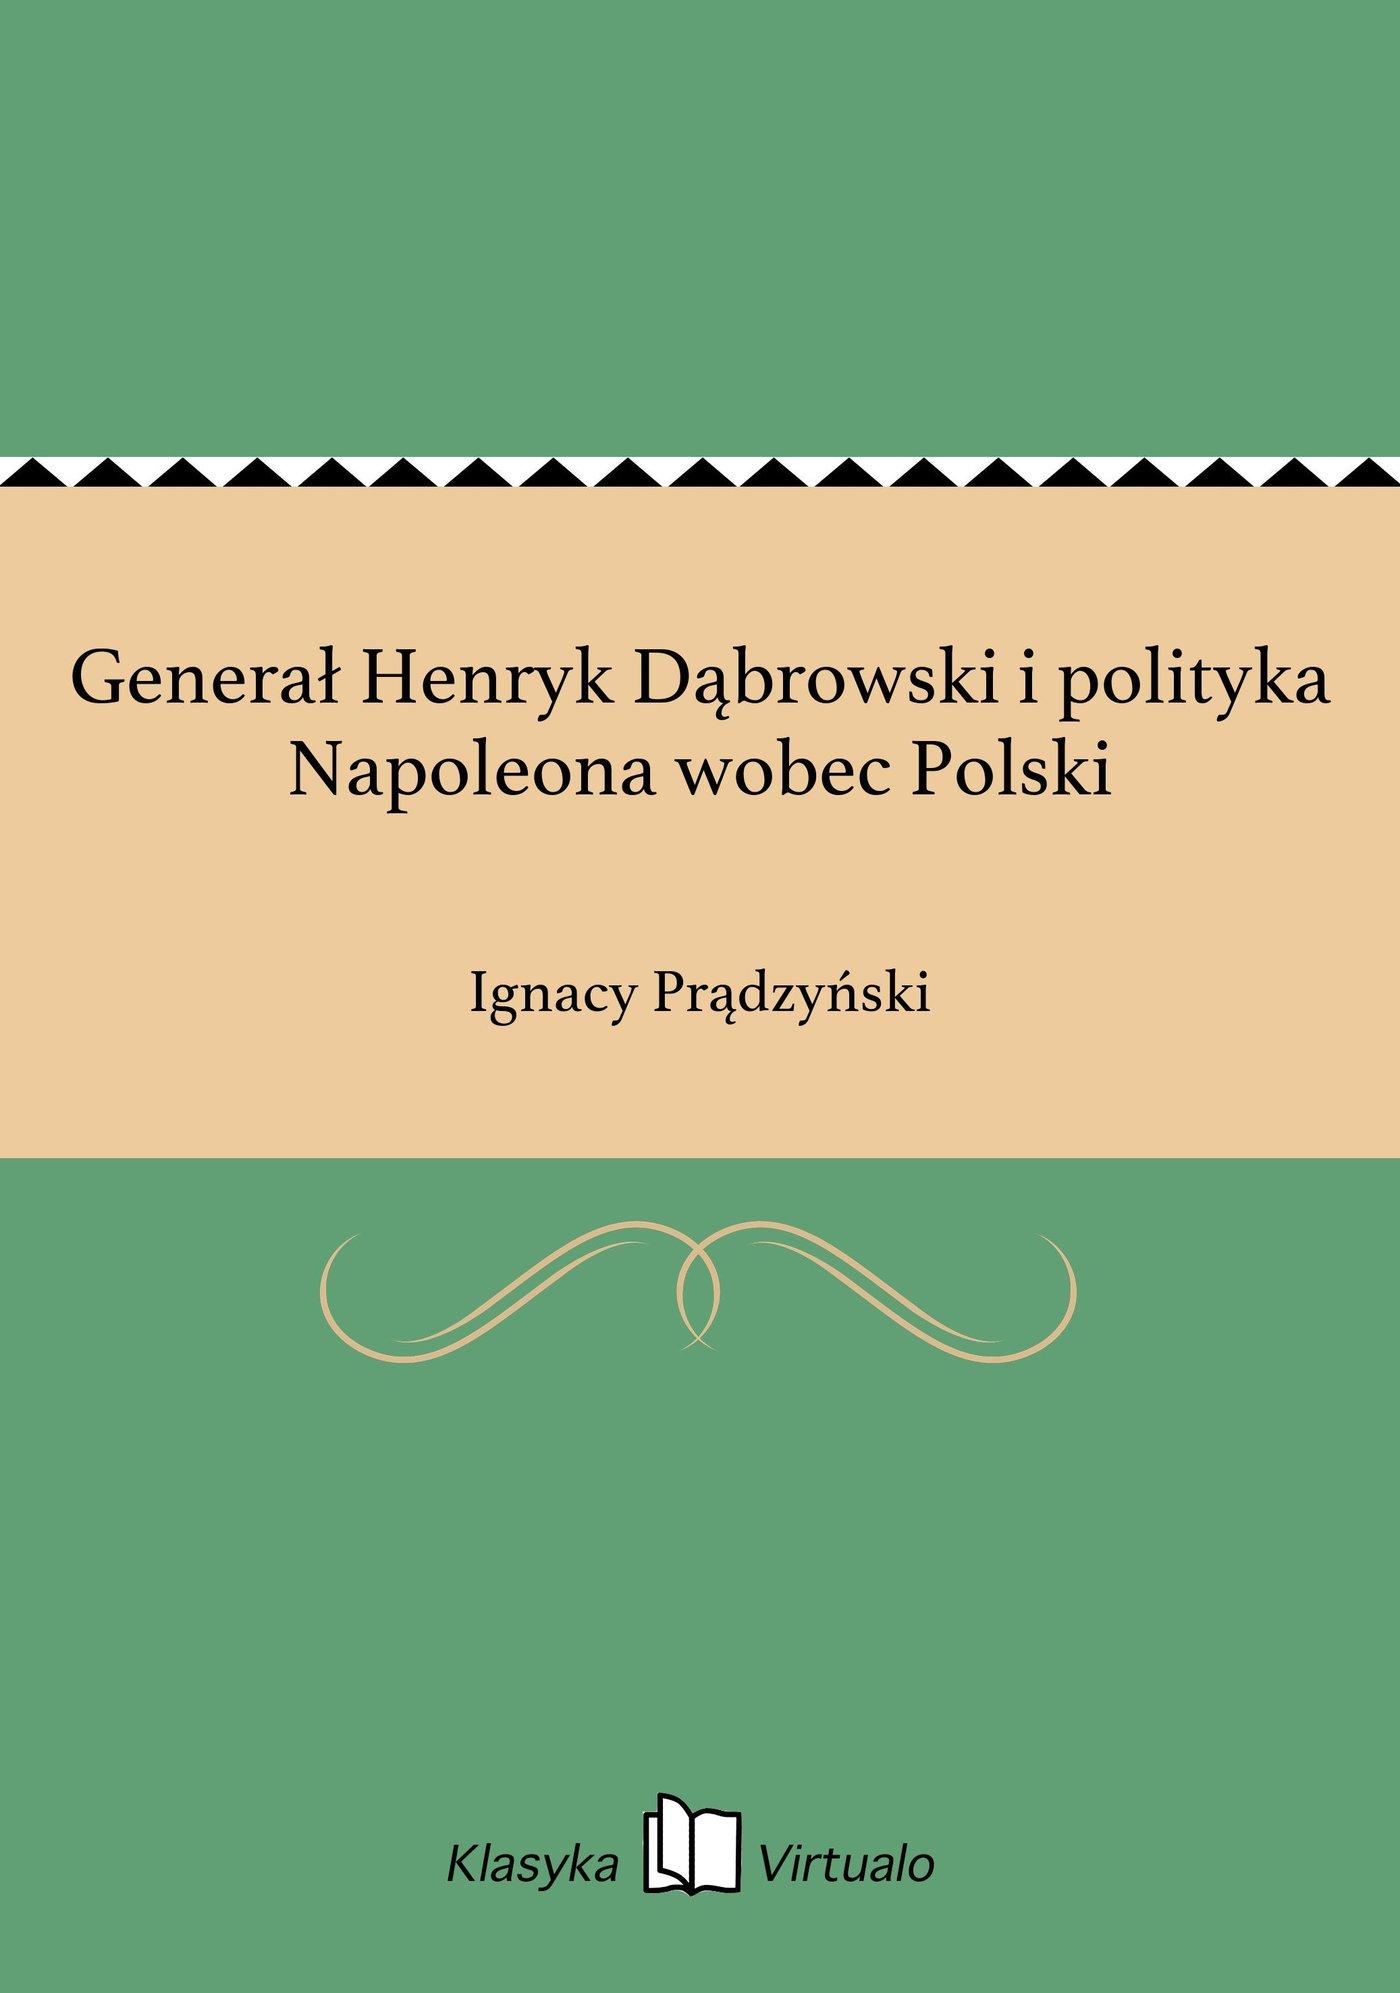 Generał Henryk Dąbrowski i polityka Napoleona wobec Polski - Ebook (Książka EPUB) do pobrania w formacie EPUB